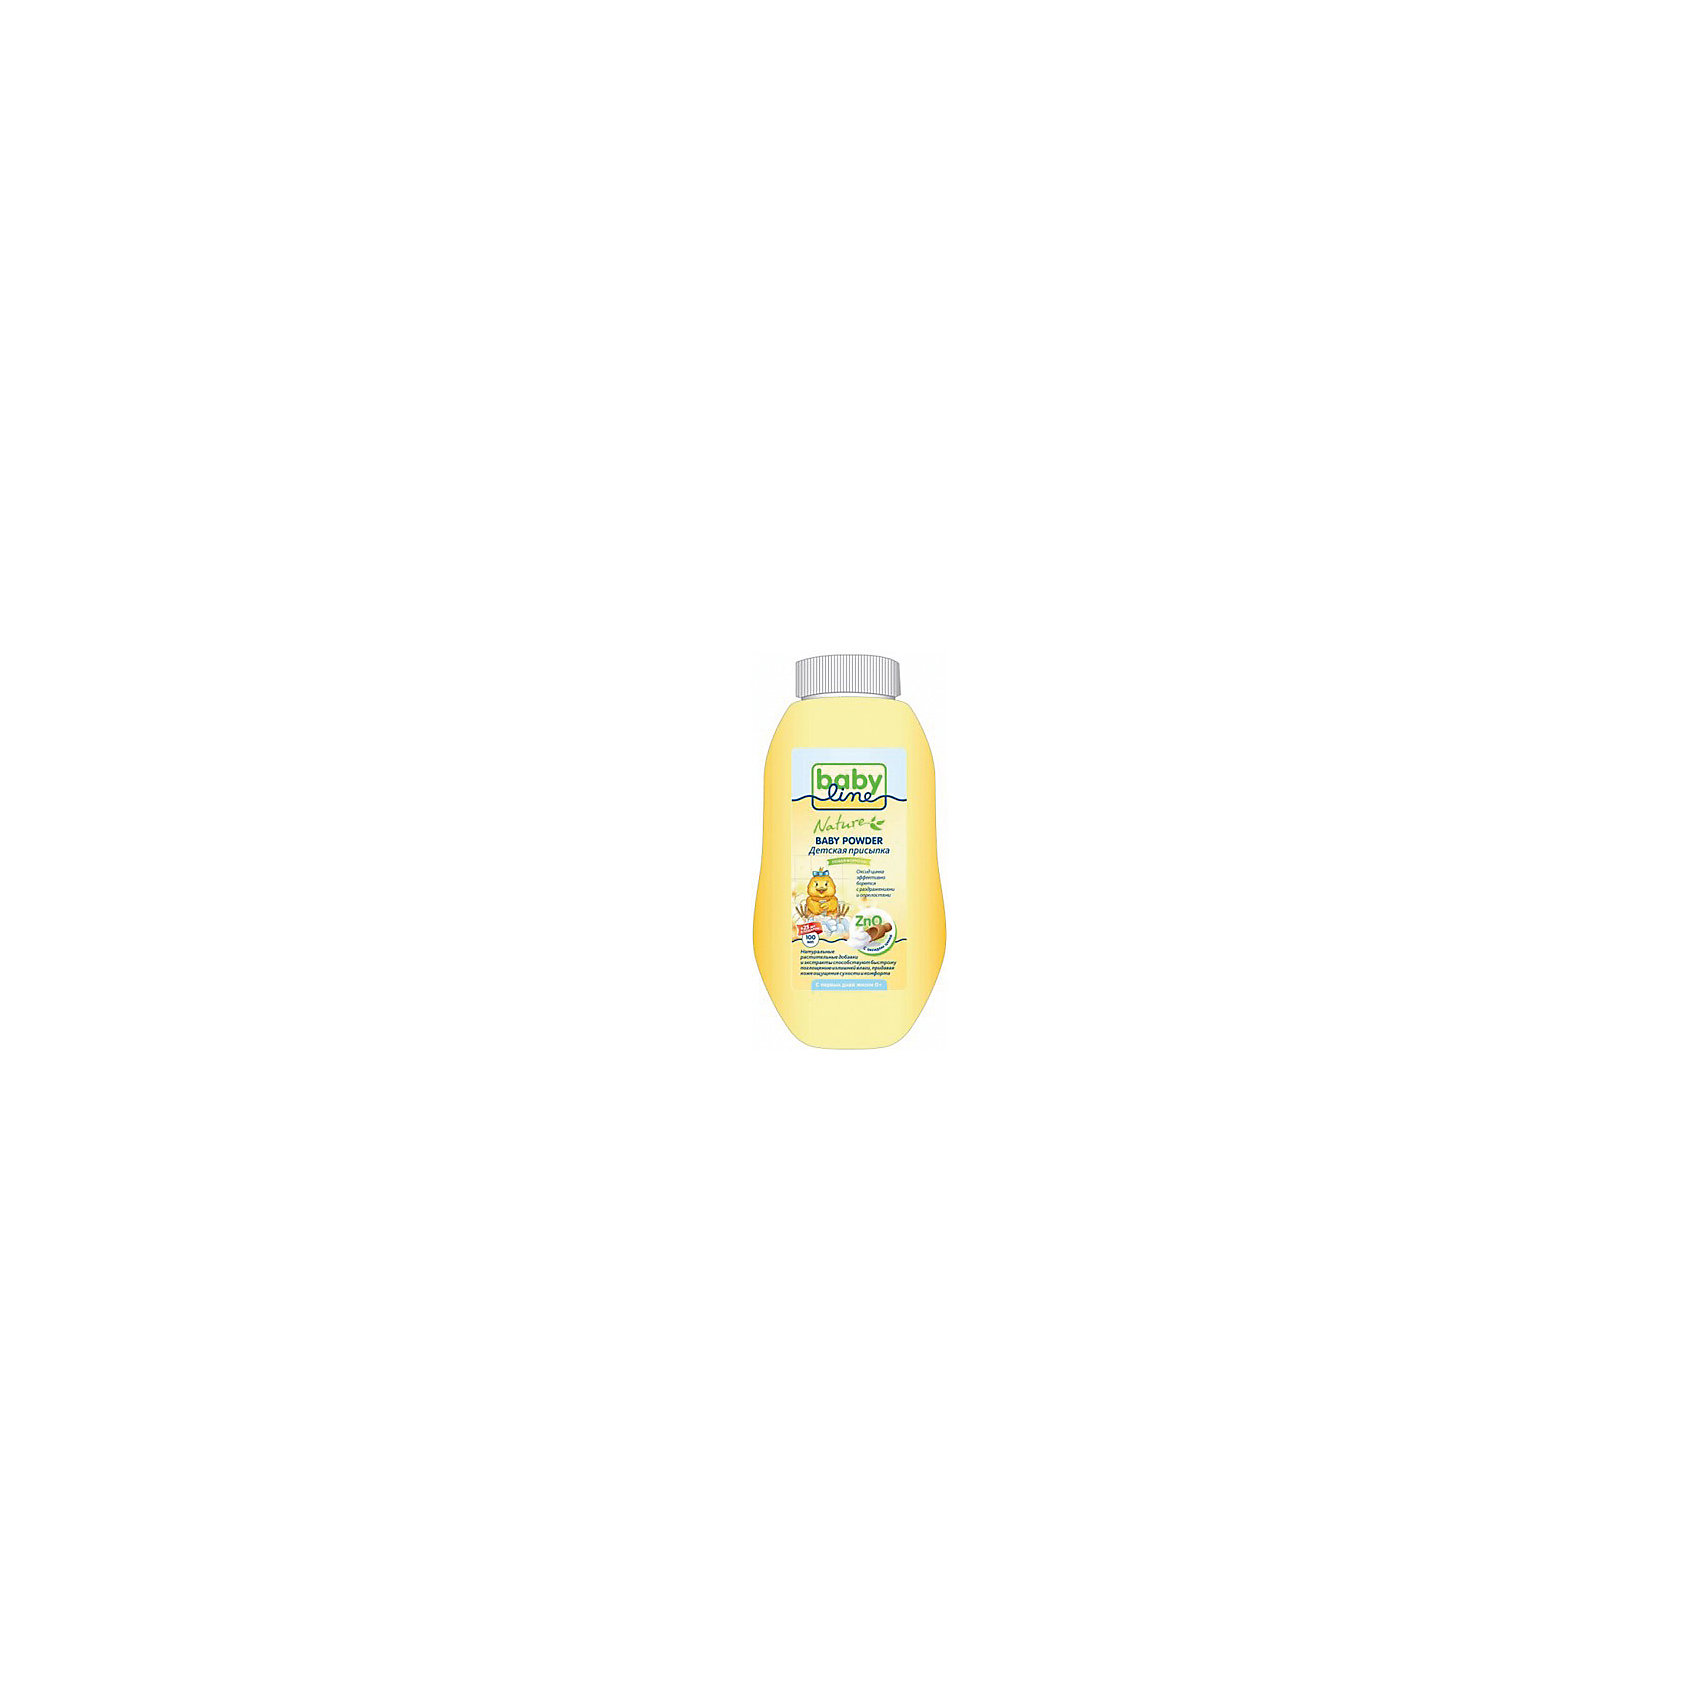 Babyline Присыпка с цинком Babyline, 100 гр. оливковое масло для кожи